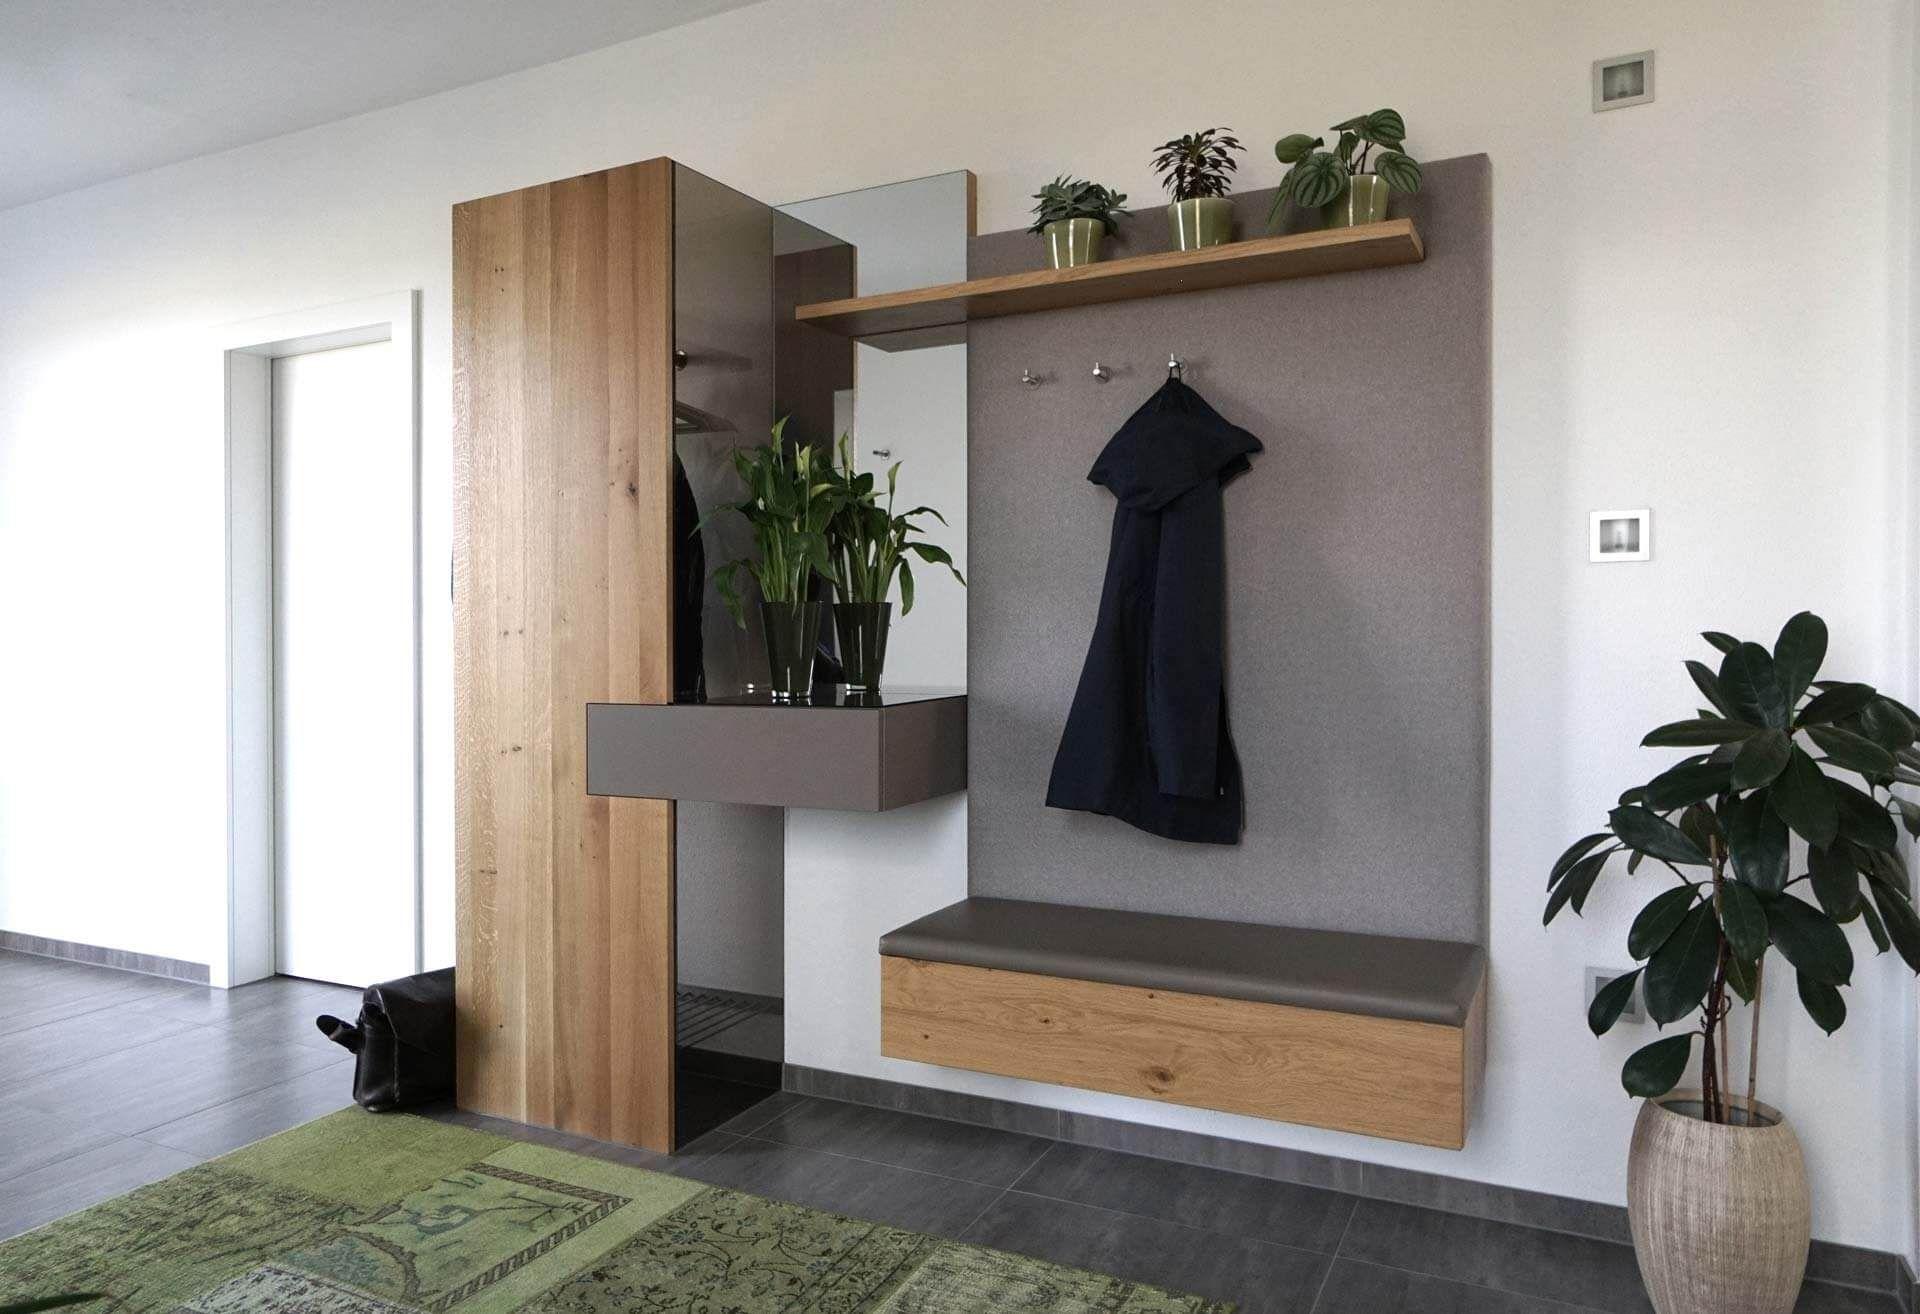 Garderobe Modern Eiche Grau Loden Garderobe Modern Garderoben Eingangsbereich Haus Und Heim